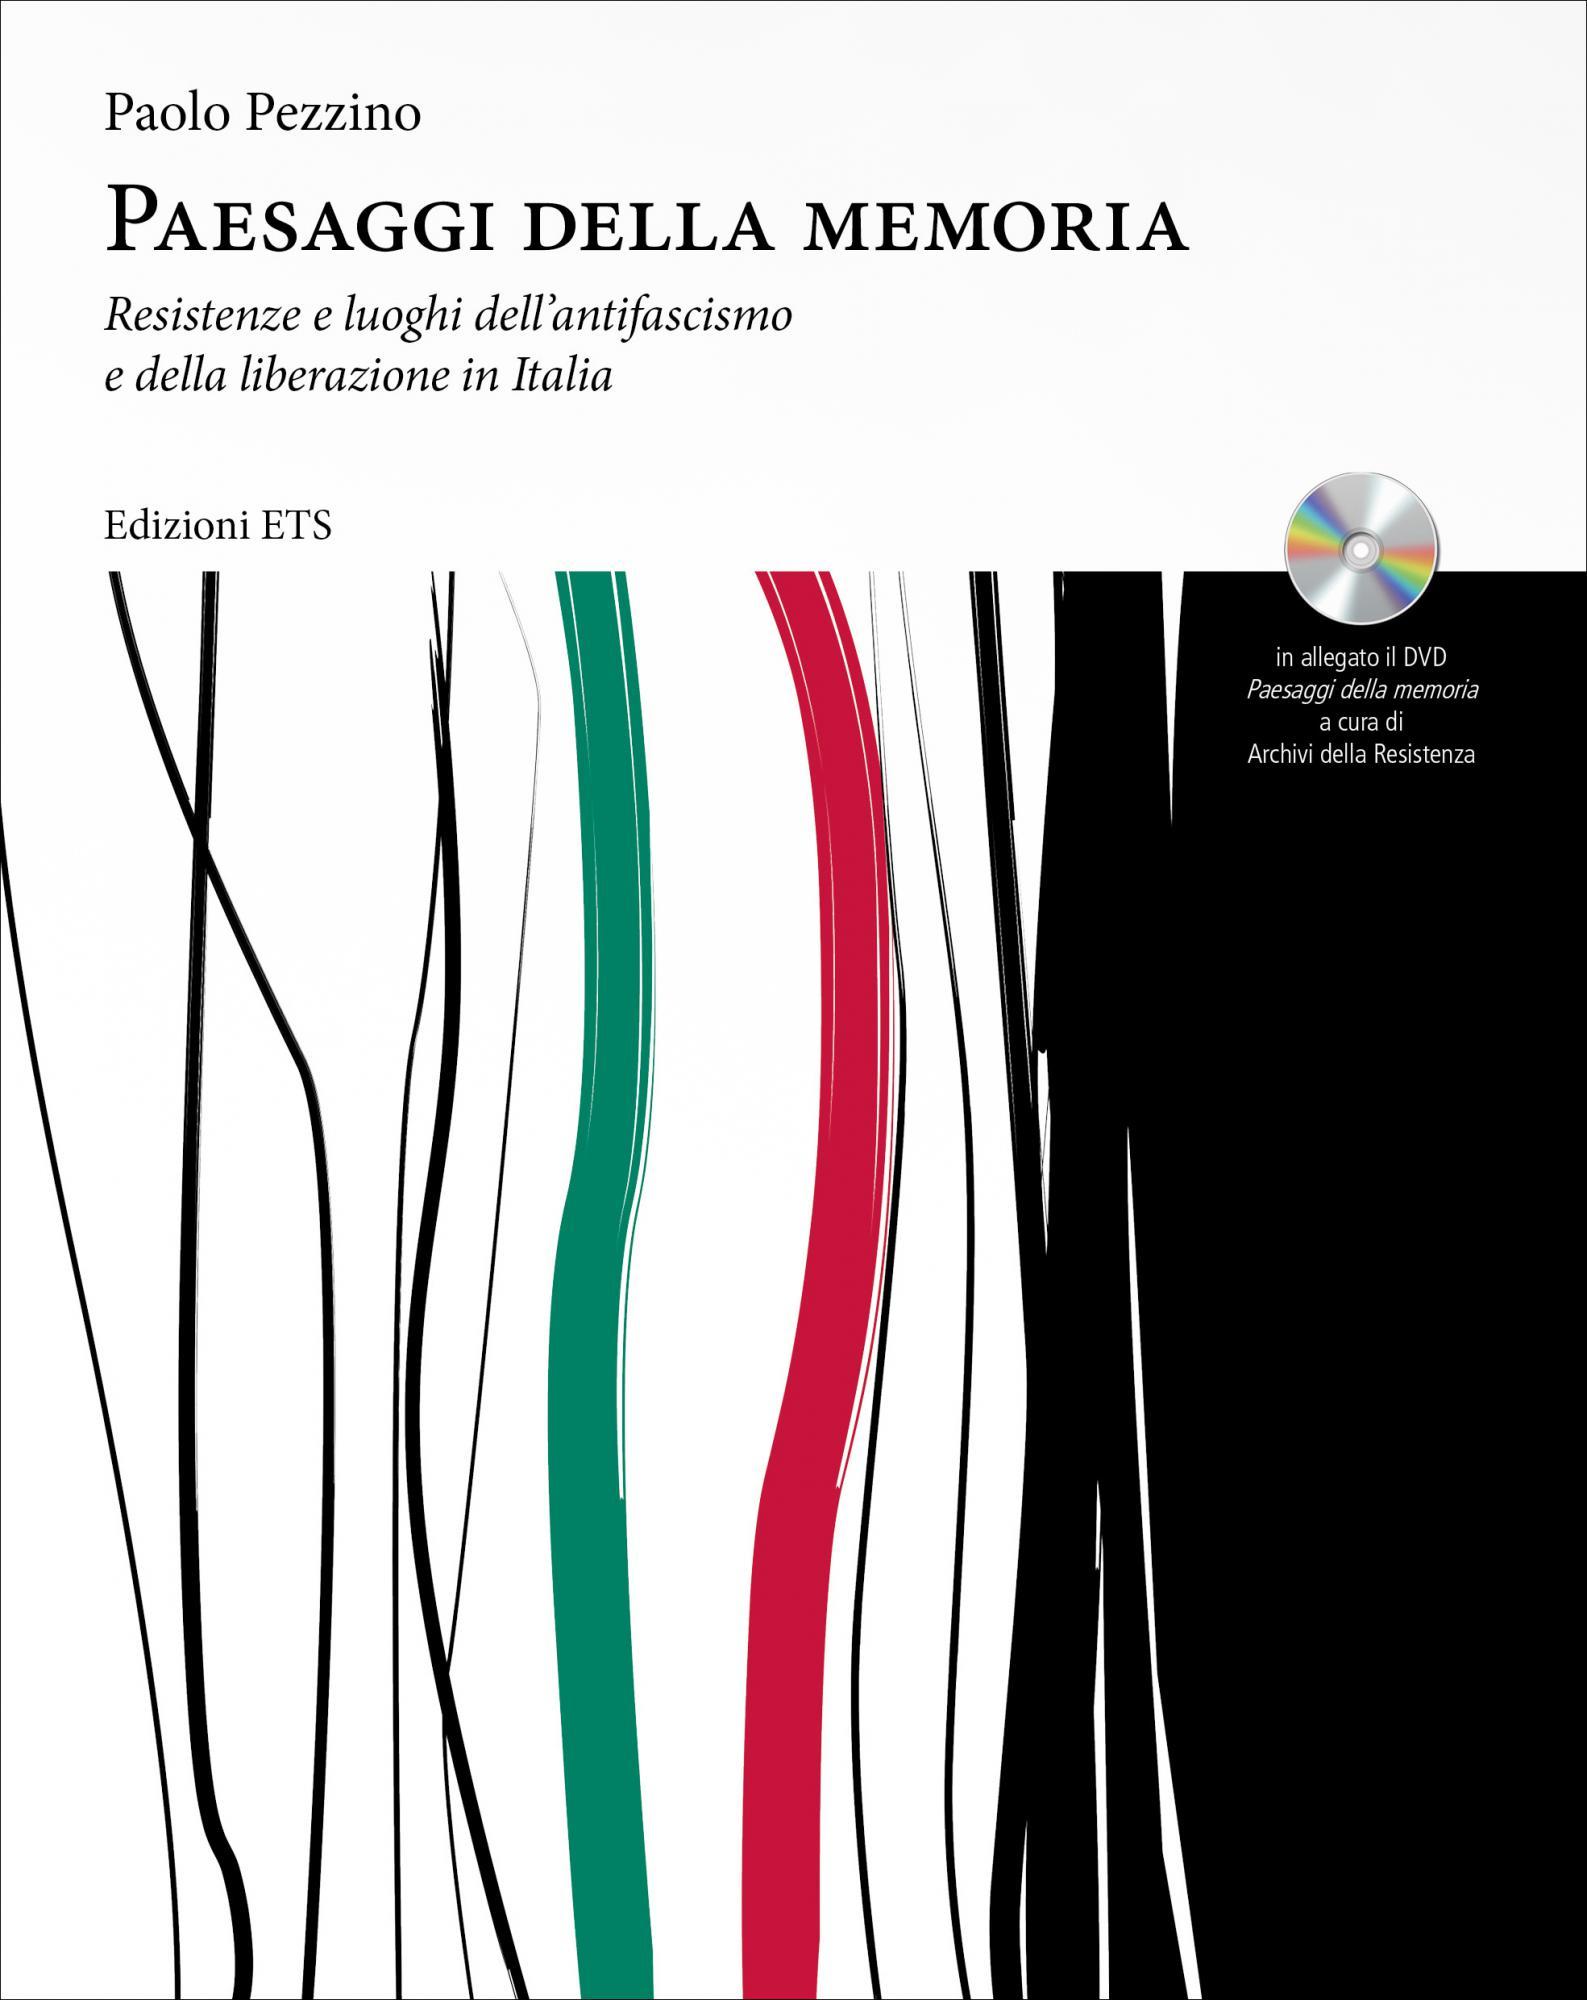 Paesaggi della memoria.Resistenze e luoghi dell'antifascismo  e della liberazione in Italia